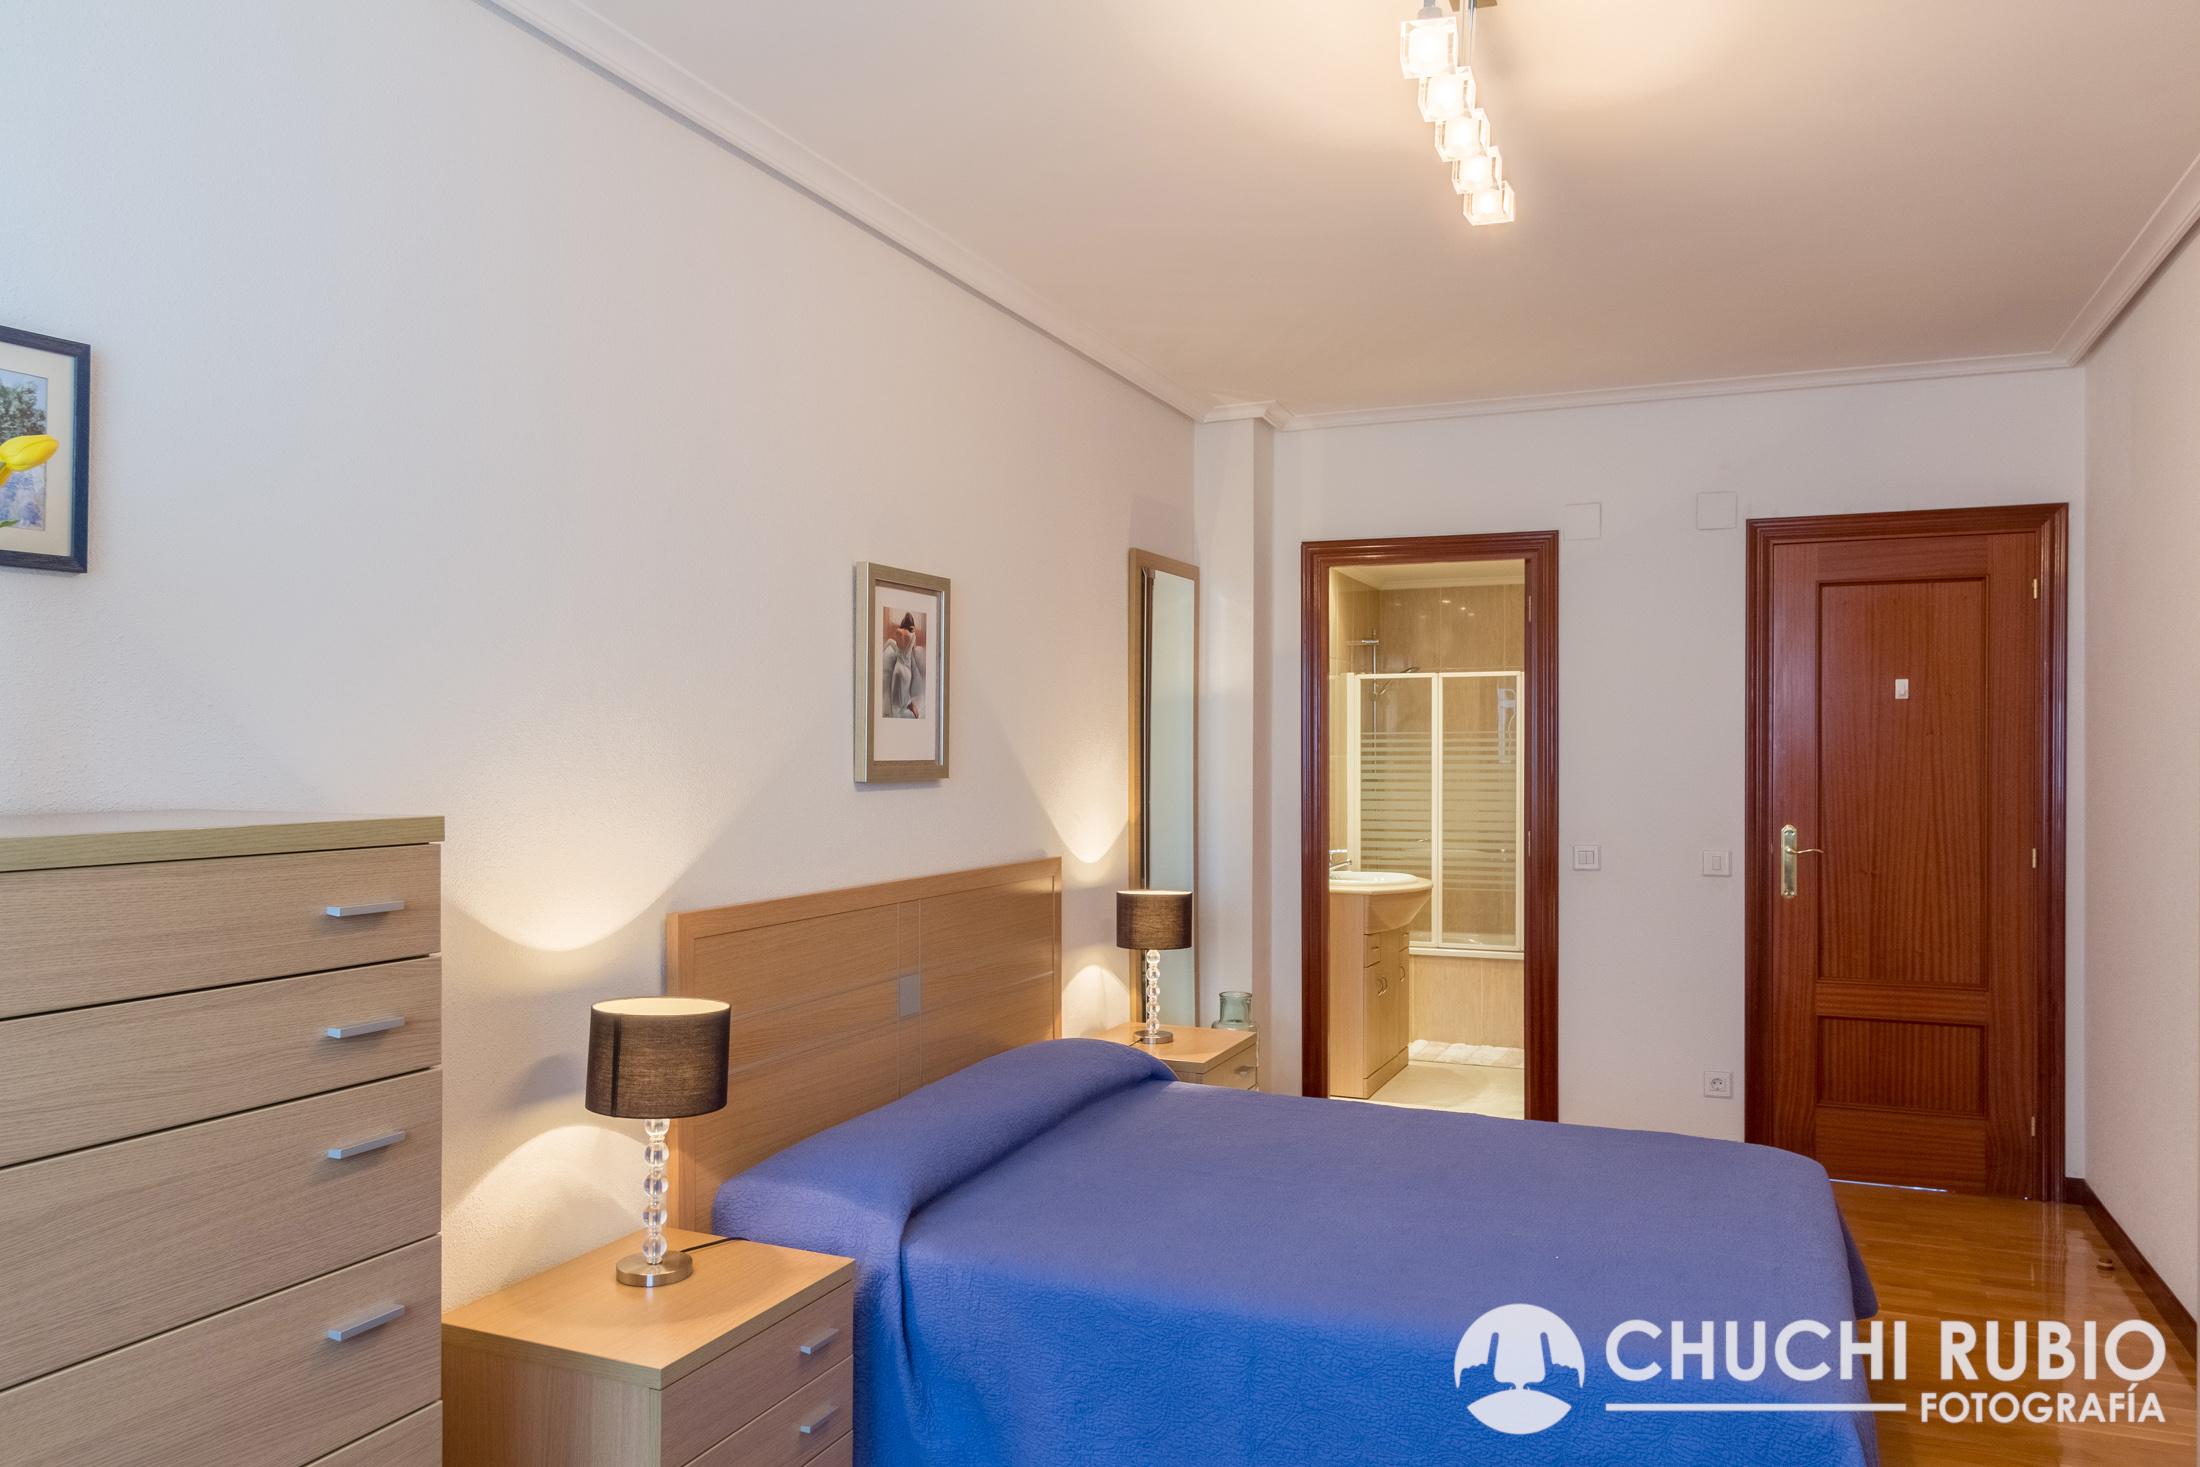 IMG 0789 HDR - Fotografía para Inmobiliarias, venta de pisos, locales...